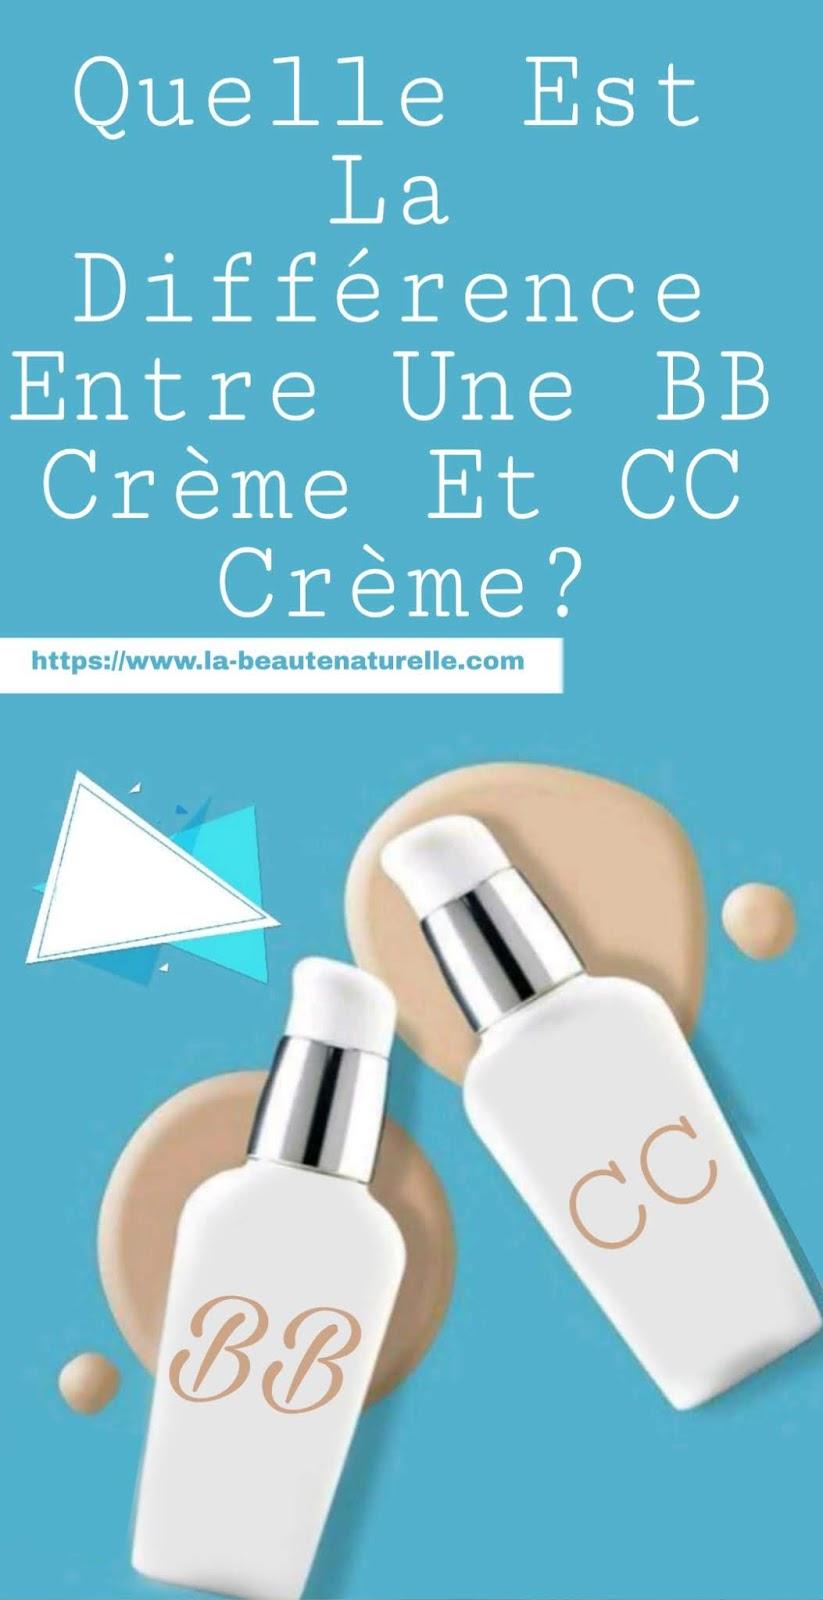 Quelle est la différence entre une BB crème et CC crème?